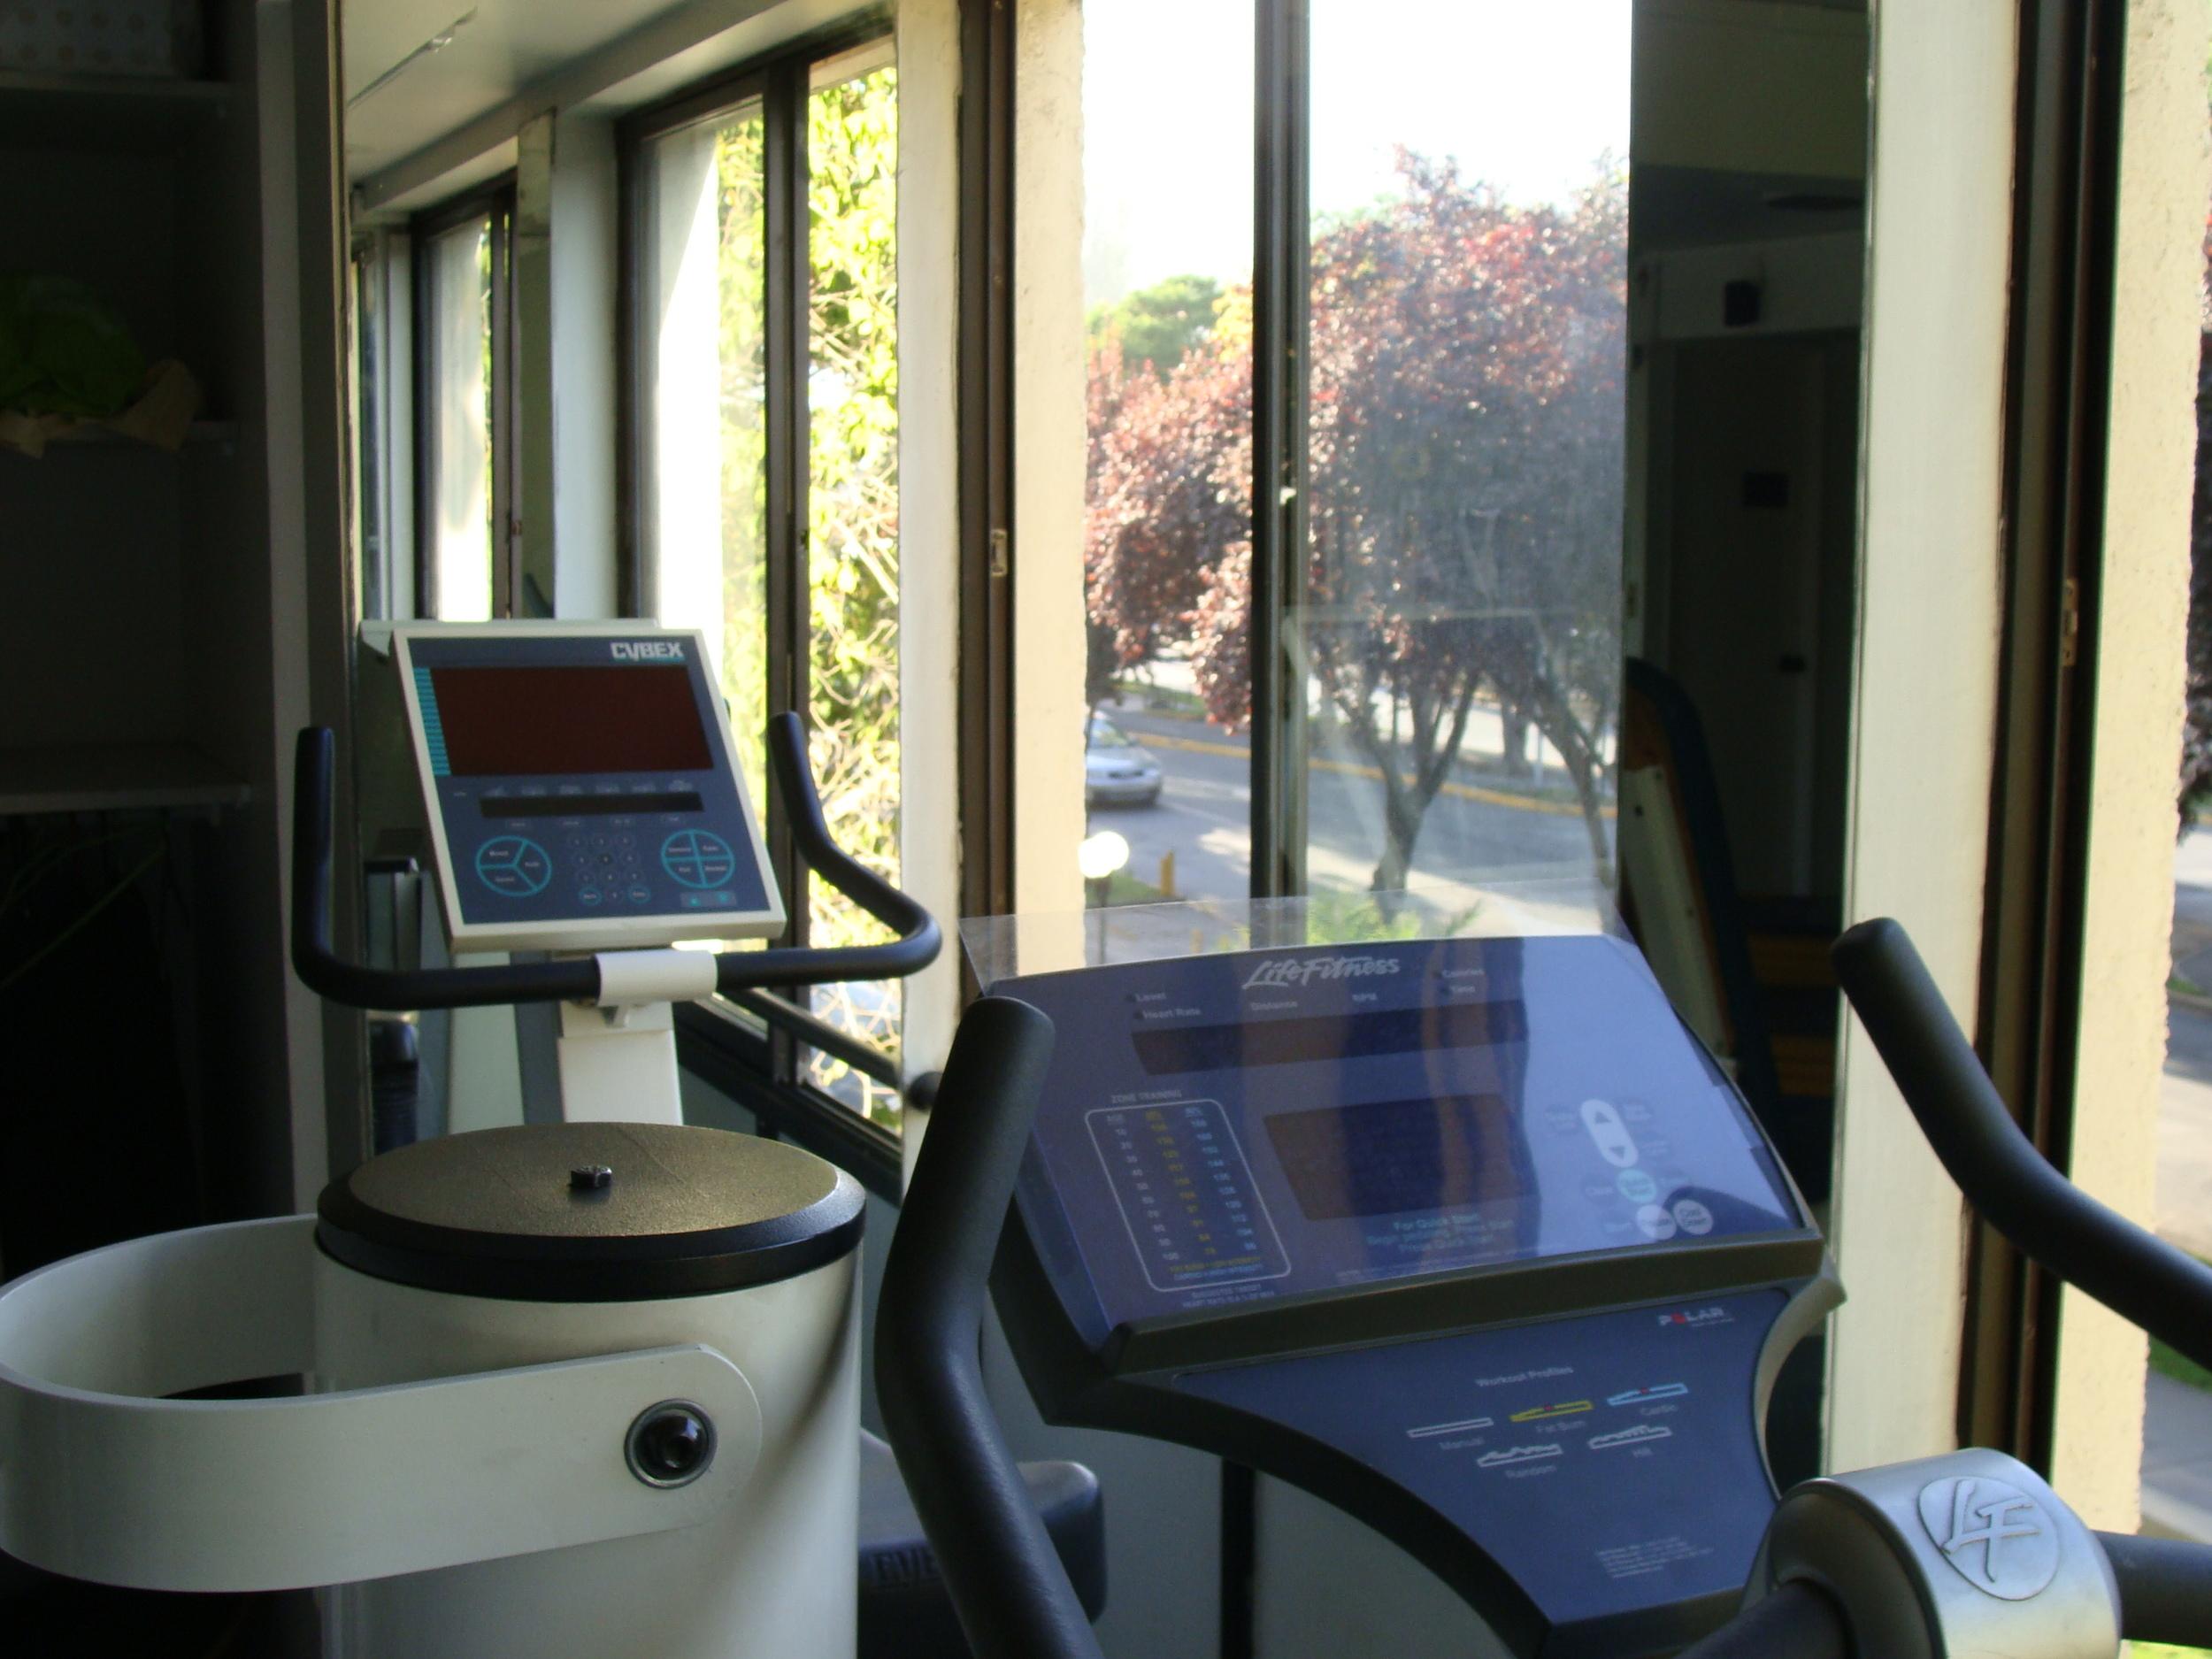 clinica de ejercicio kw - kinesiologia -  maquinas.JPG